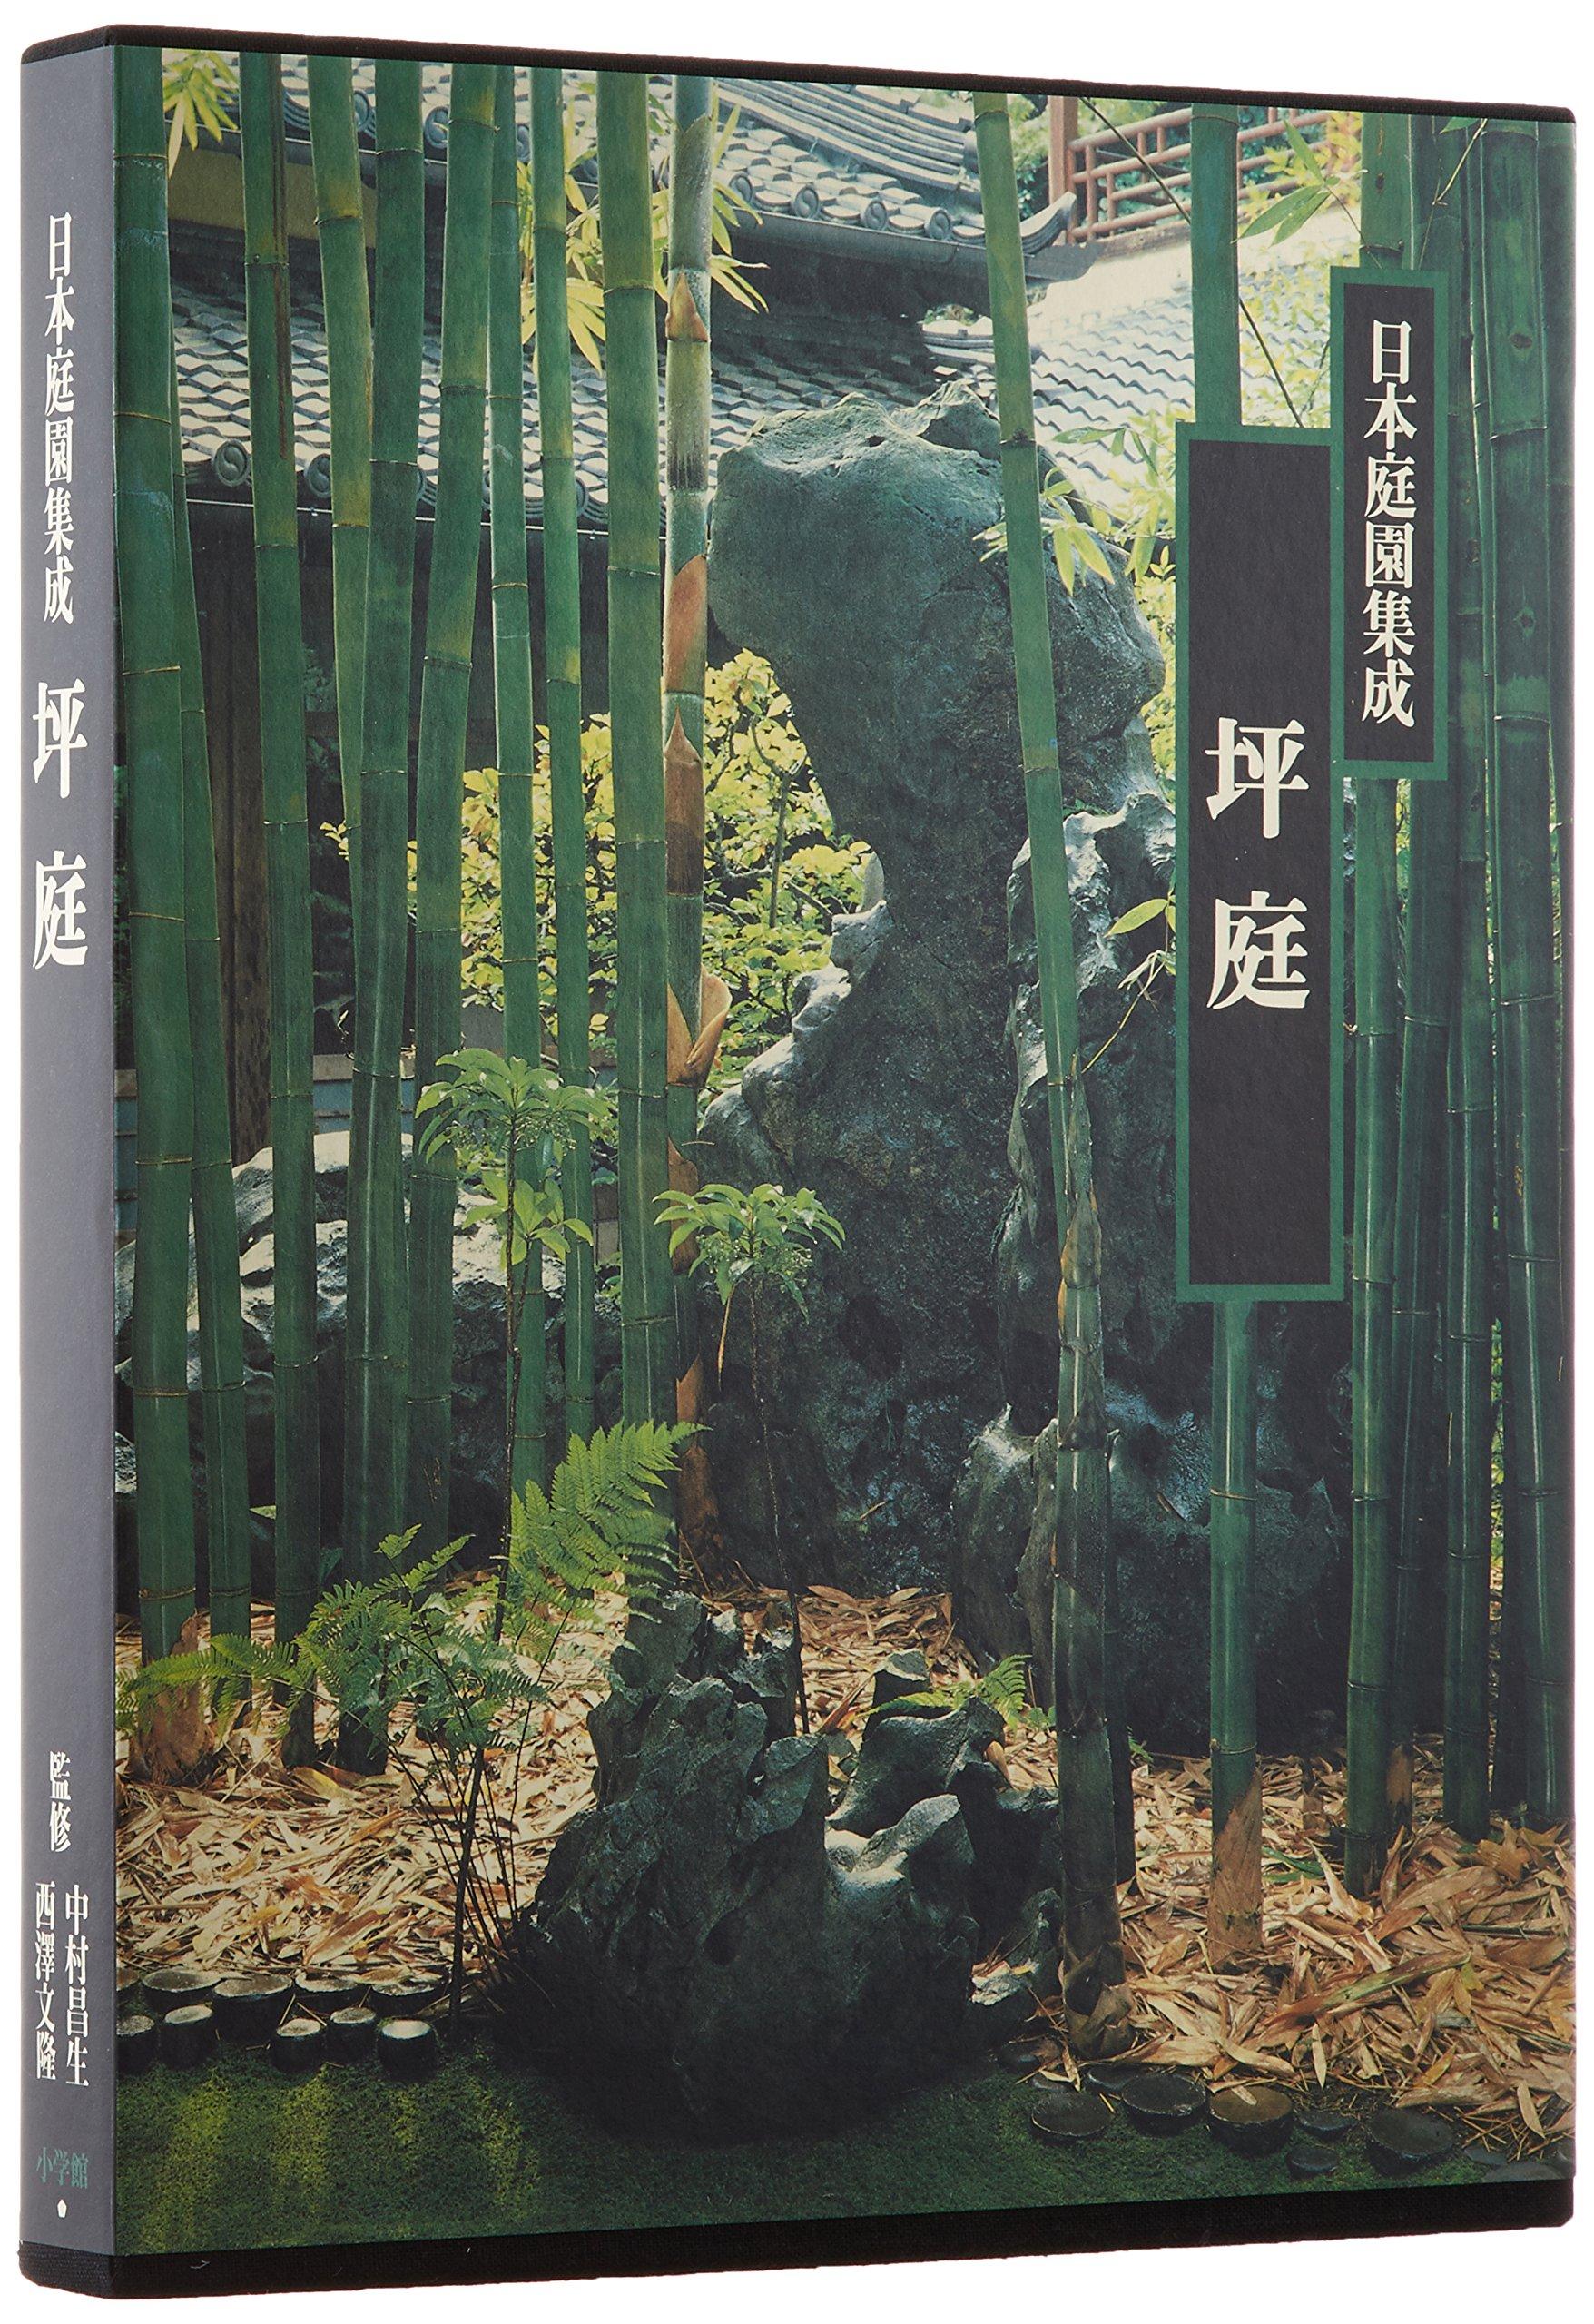 Tsuboniwa (Nihon teien shūsei) (Japanese Edition)